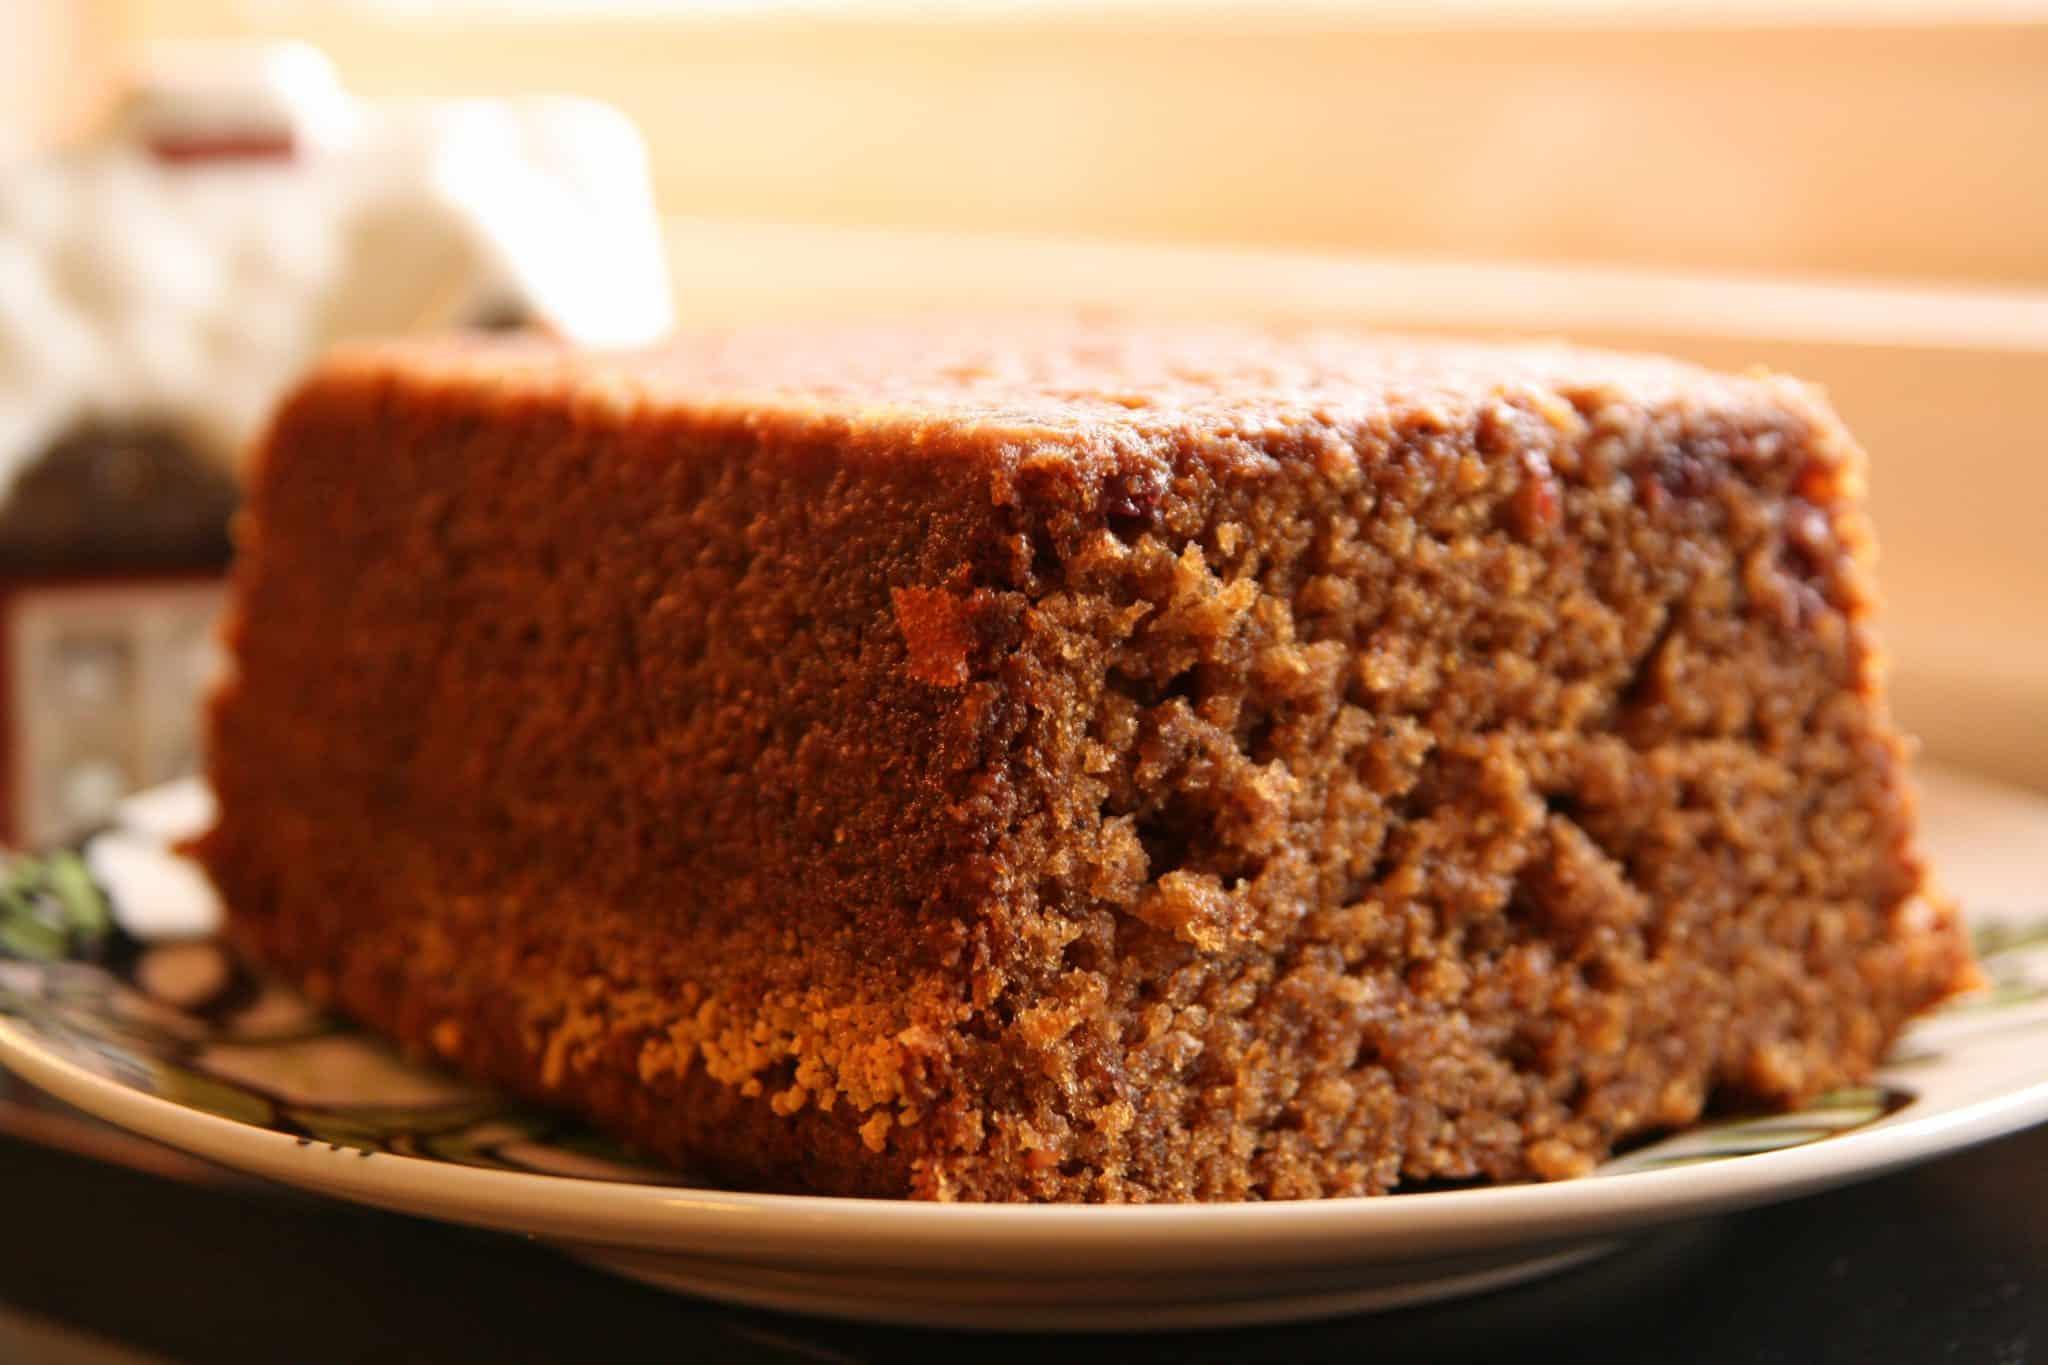 Koolhydraatarmontbijt recepten met brood van speculaas